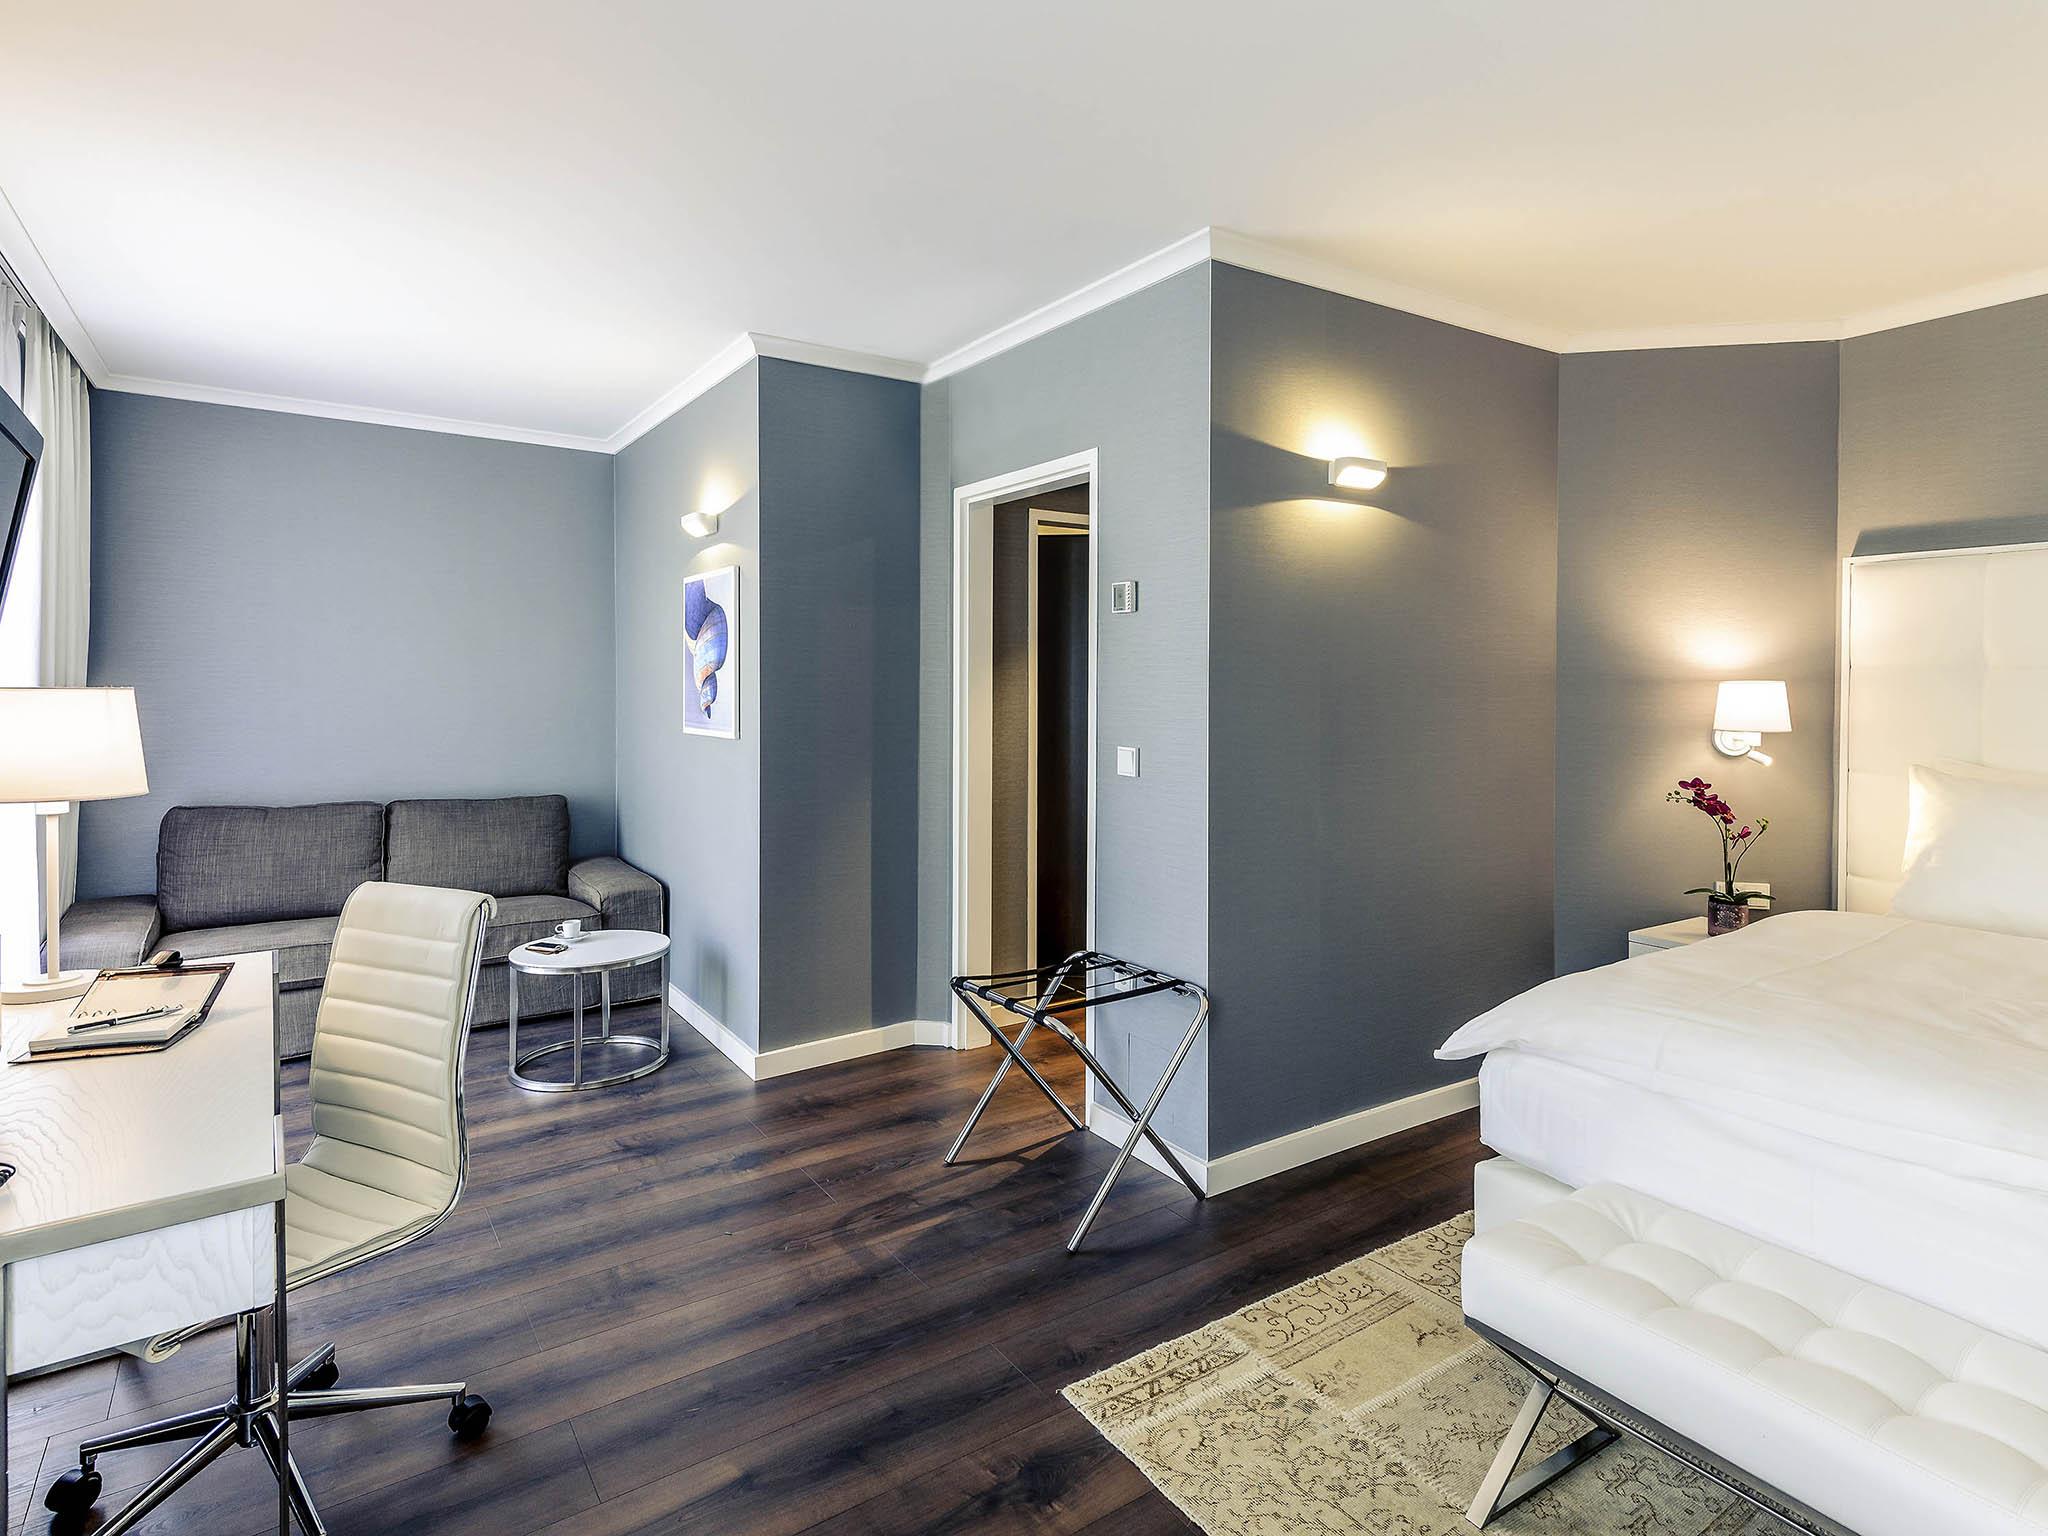 โรงแรม – โรงแรมเมอร์เคียว ราฟาเอล วีน